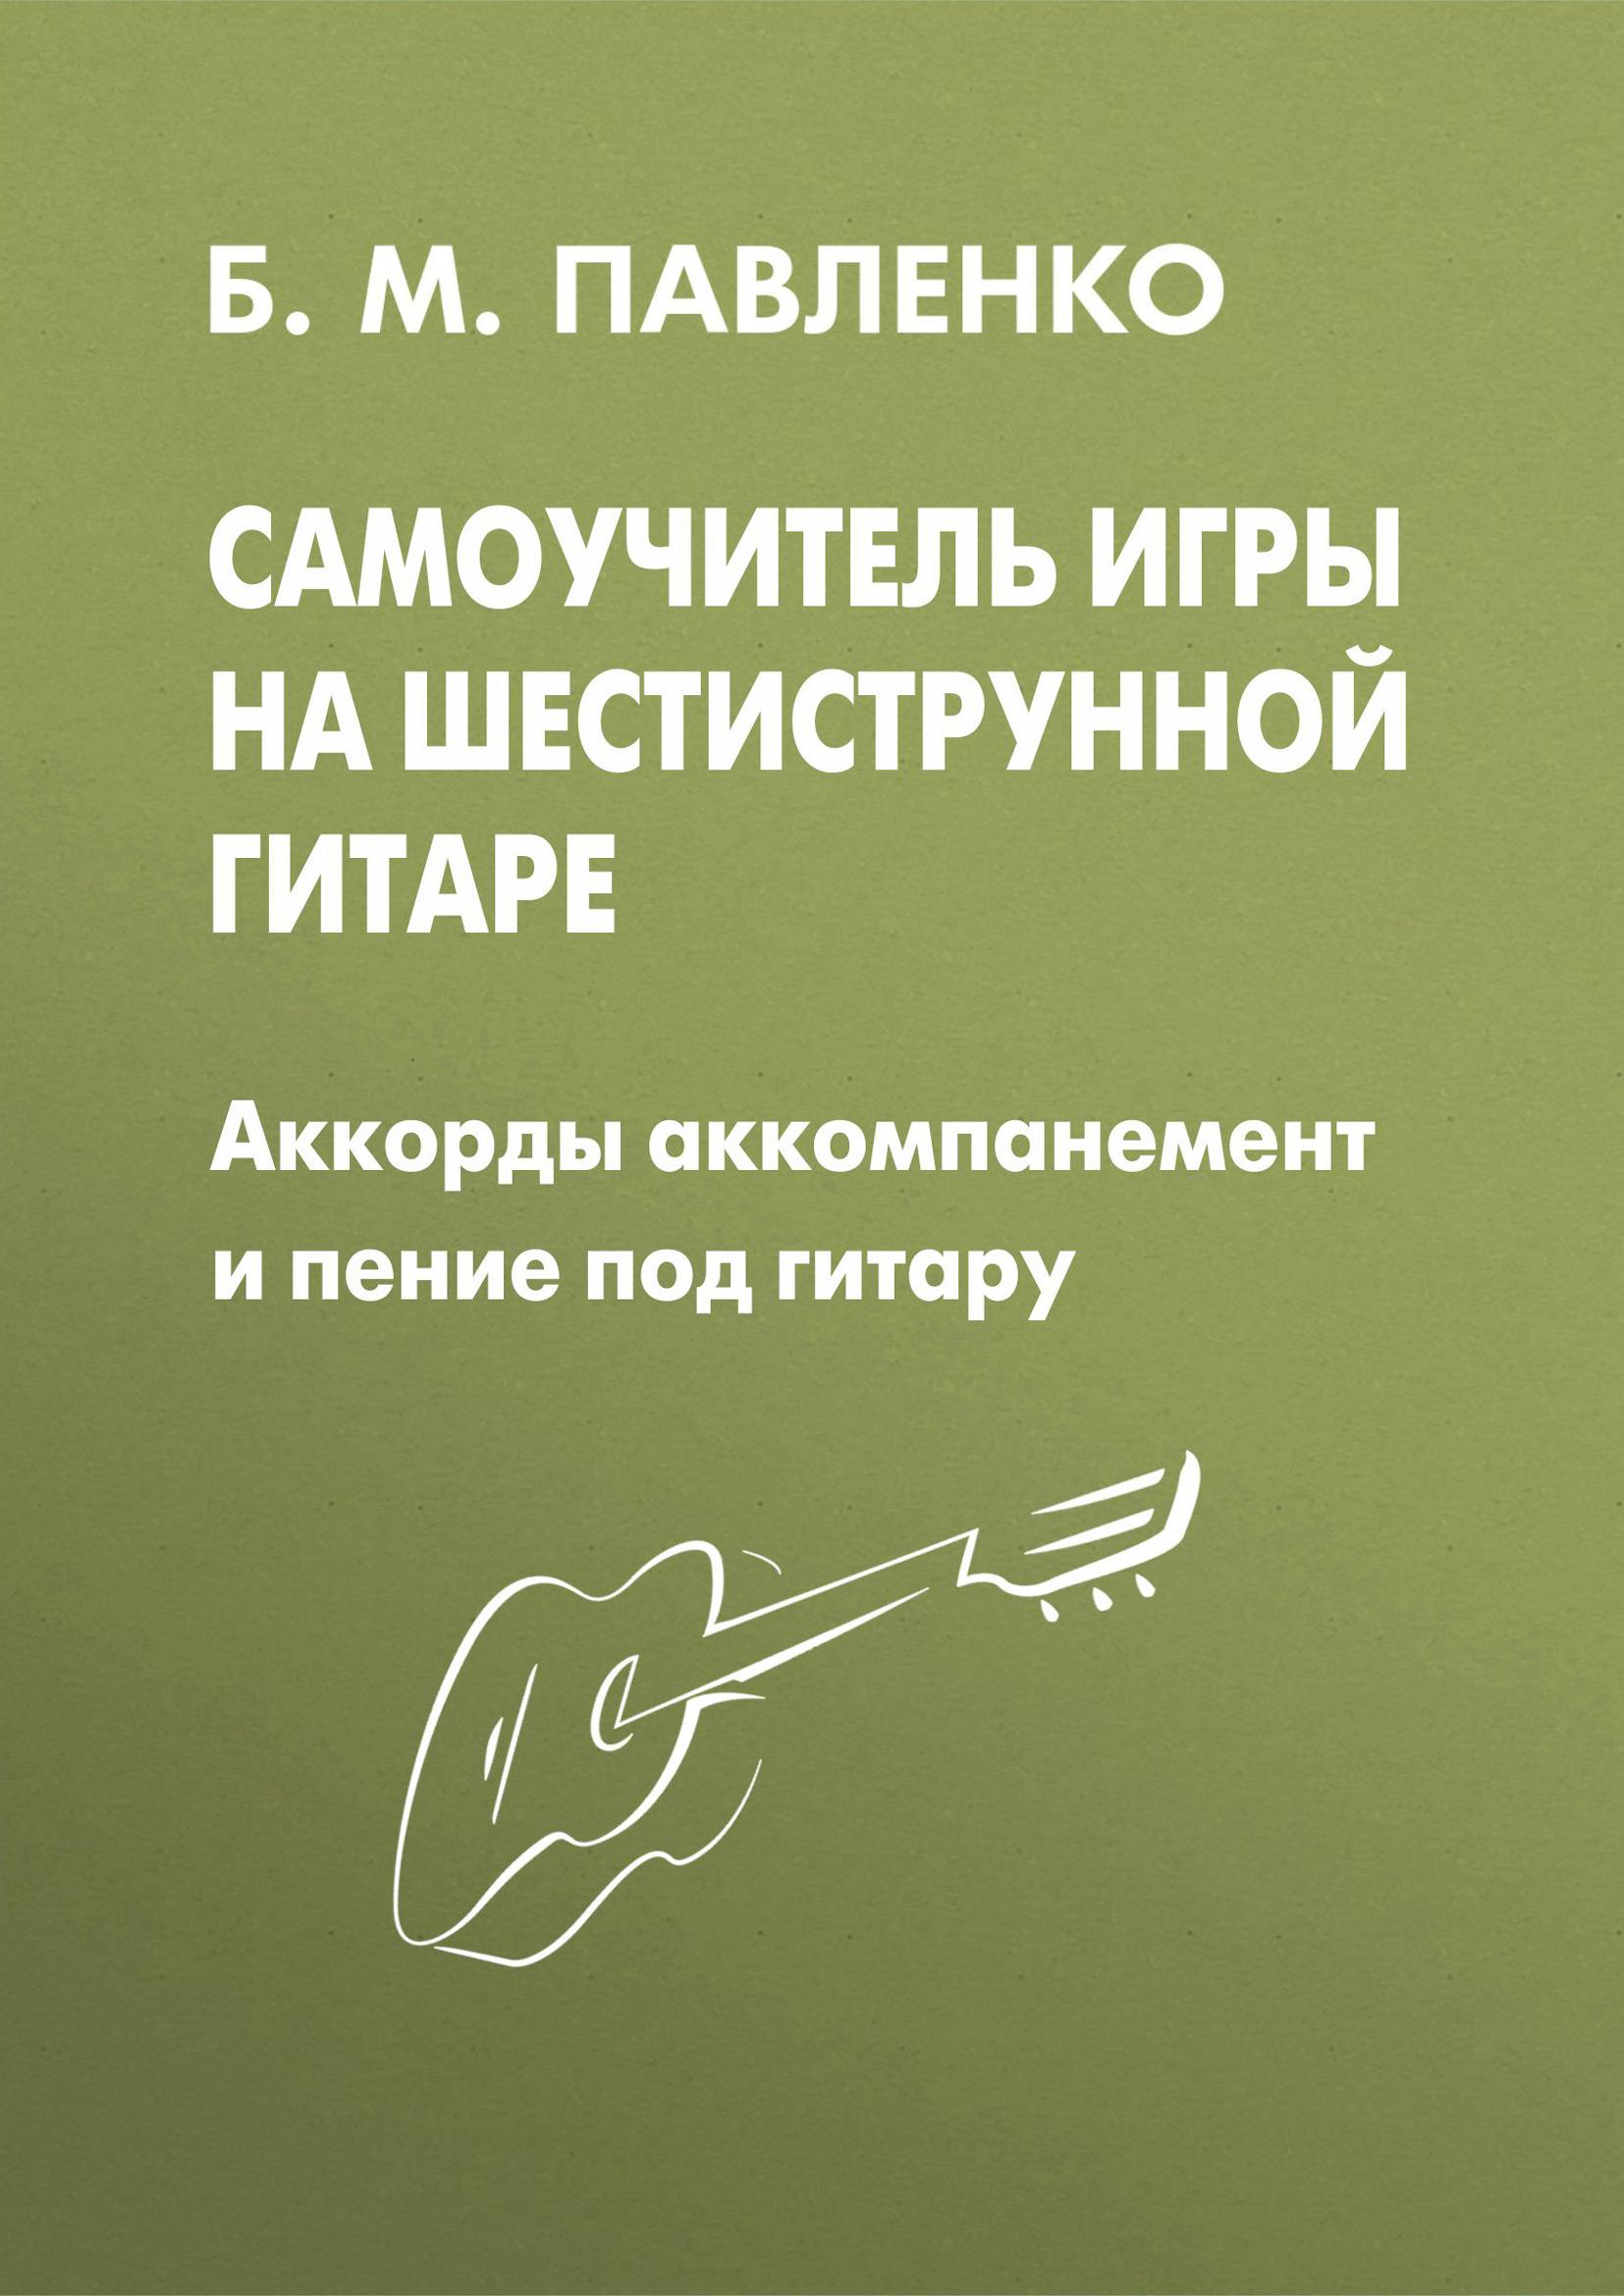 Самоучитель игры на шестиструнной гитаре. Аккорды, аккомпанемент и пение под гитару